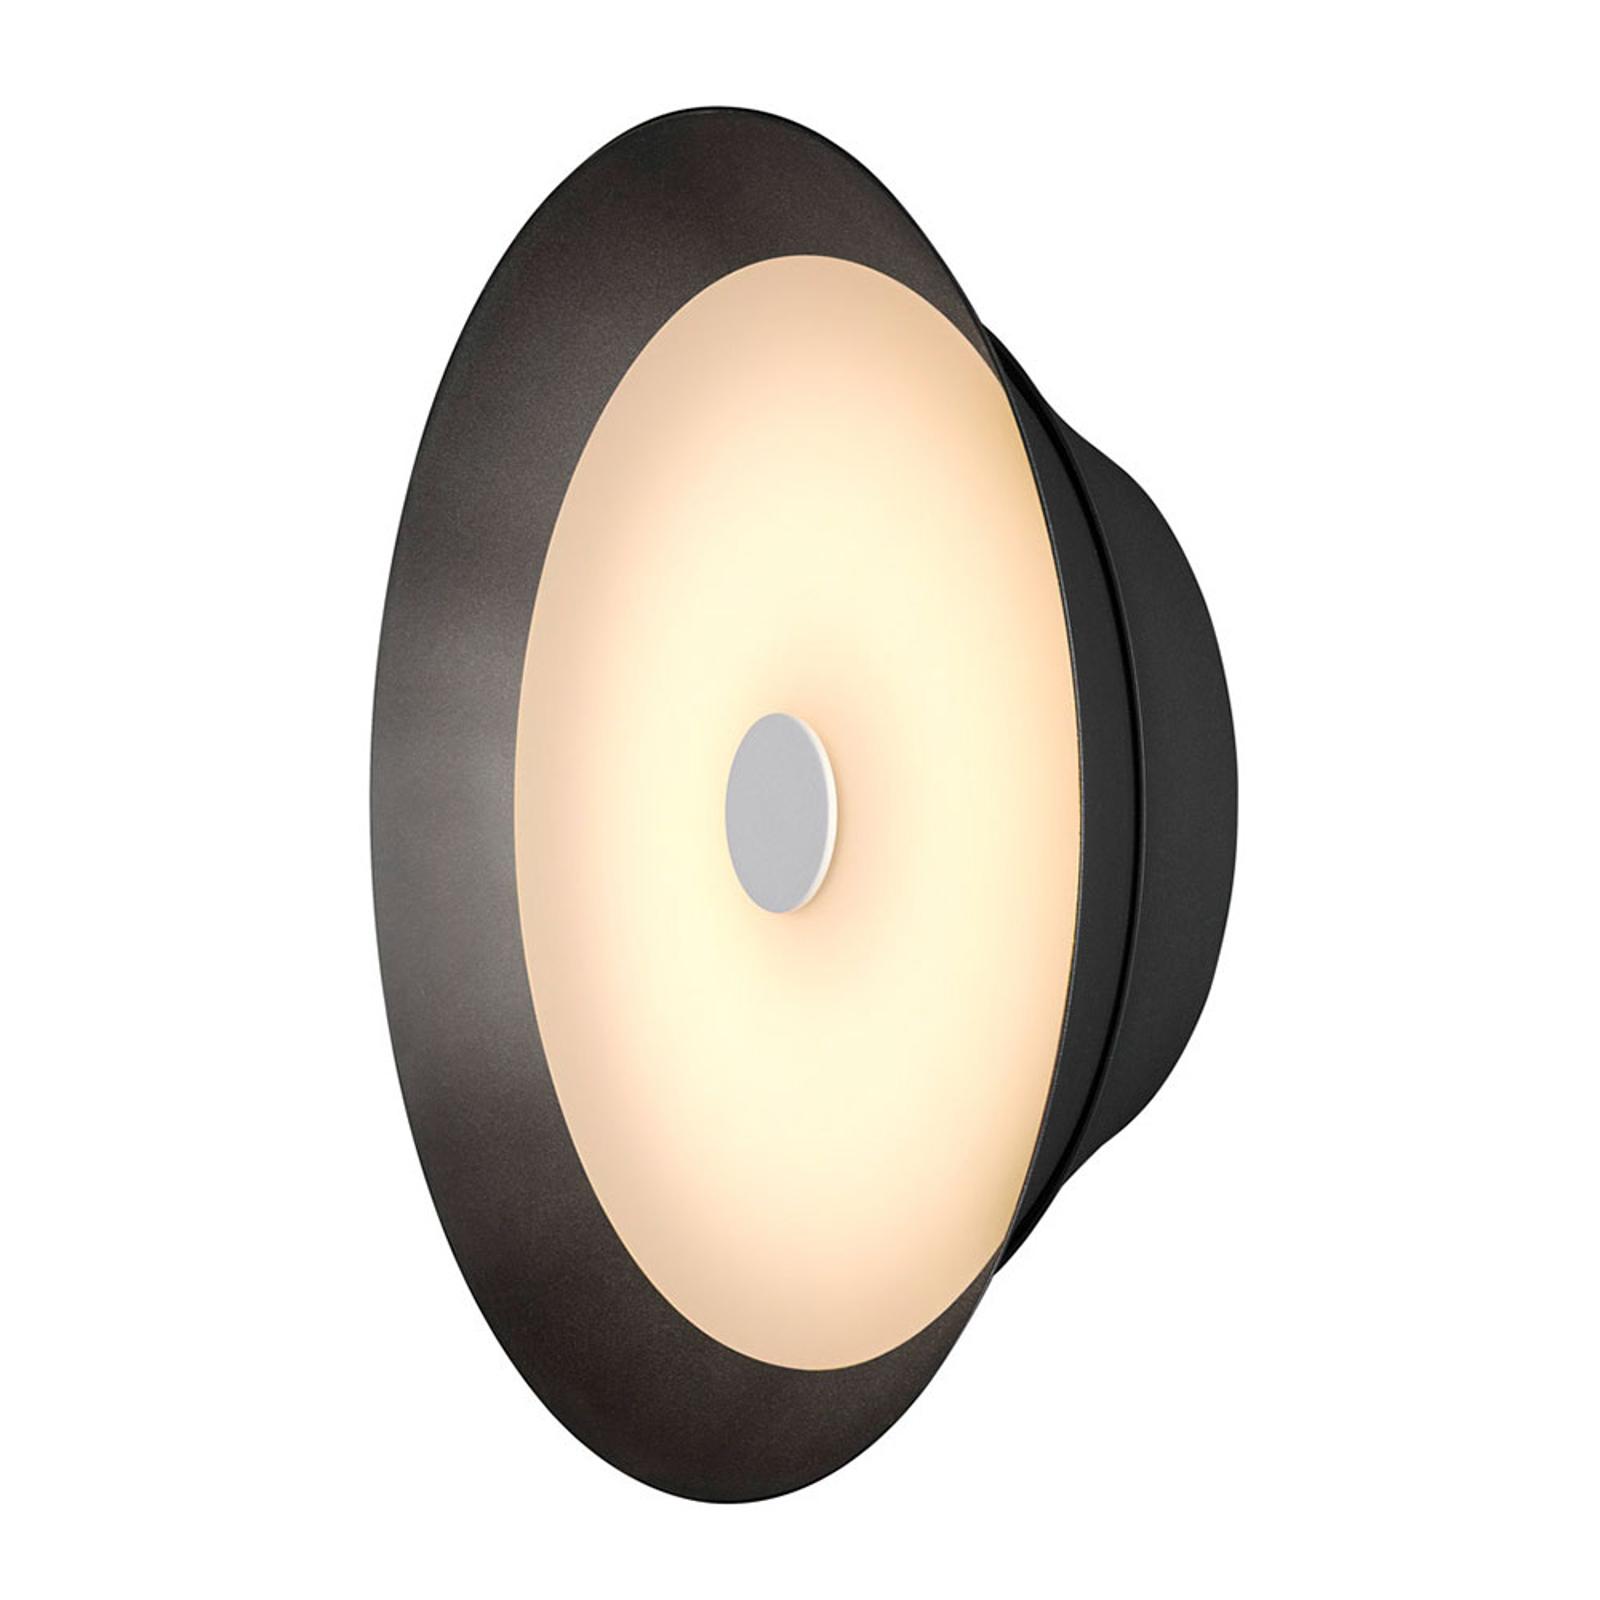 SLV Bato 35 LED wandlamp zwart